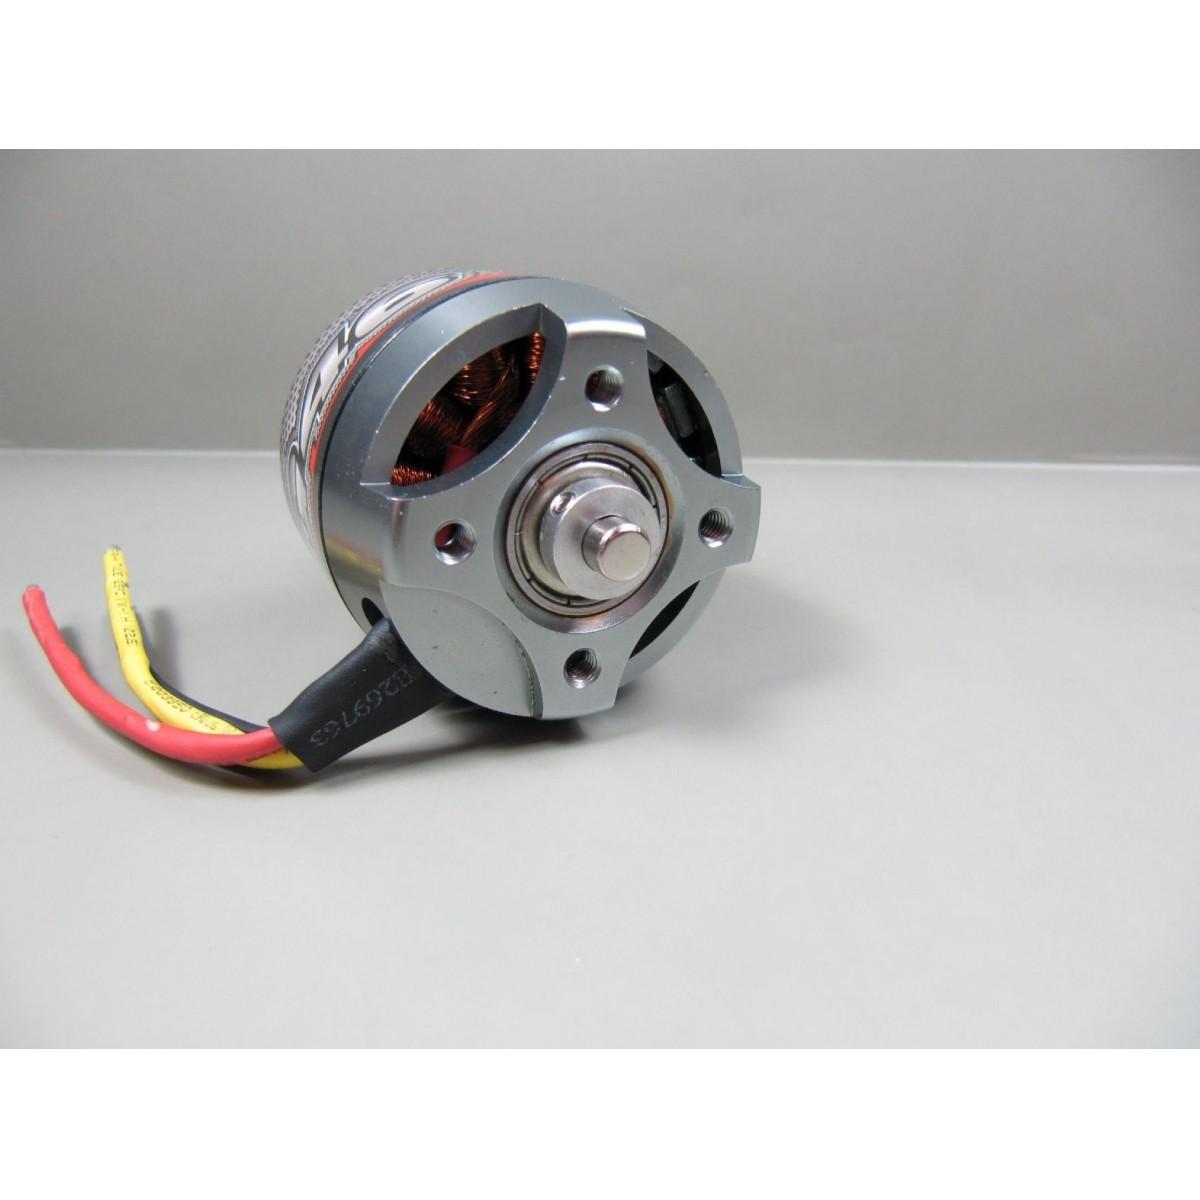 14404 - Motor G46 Brushless Outrunner 670kv (.46 Glow)